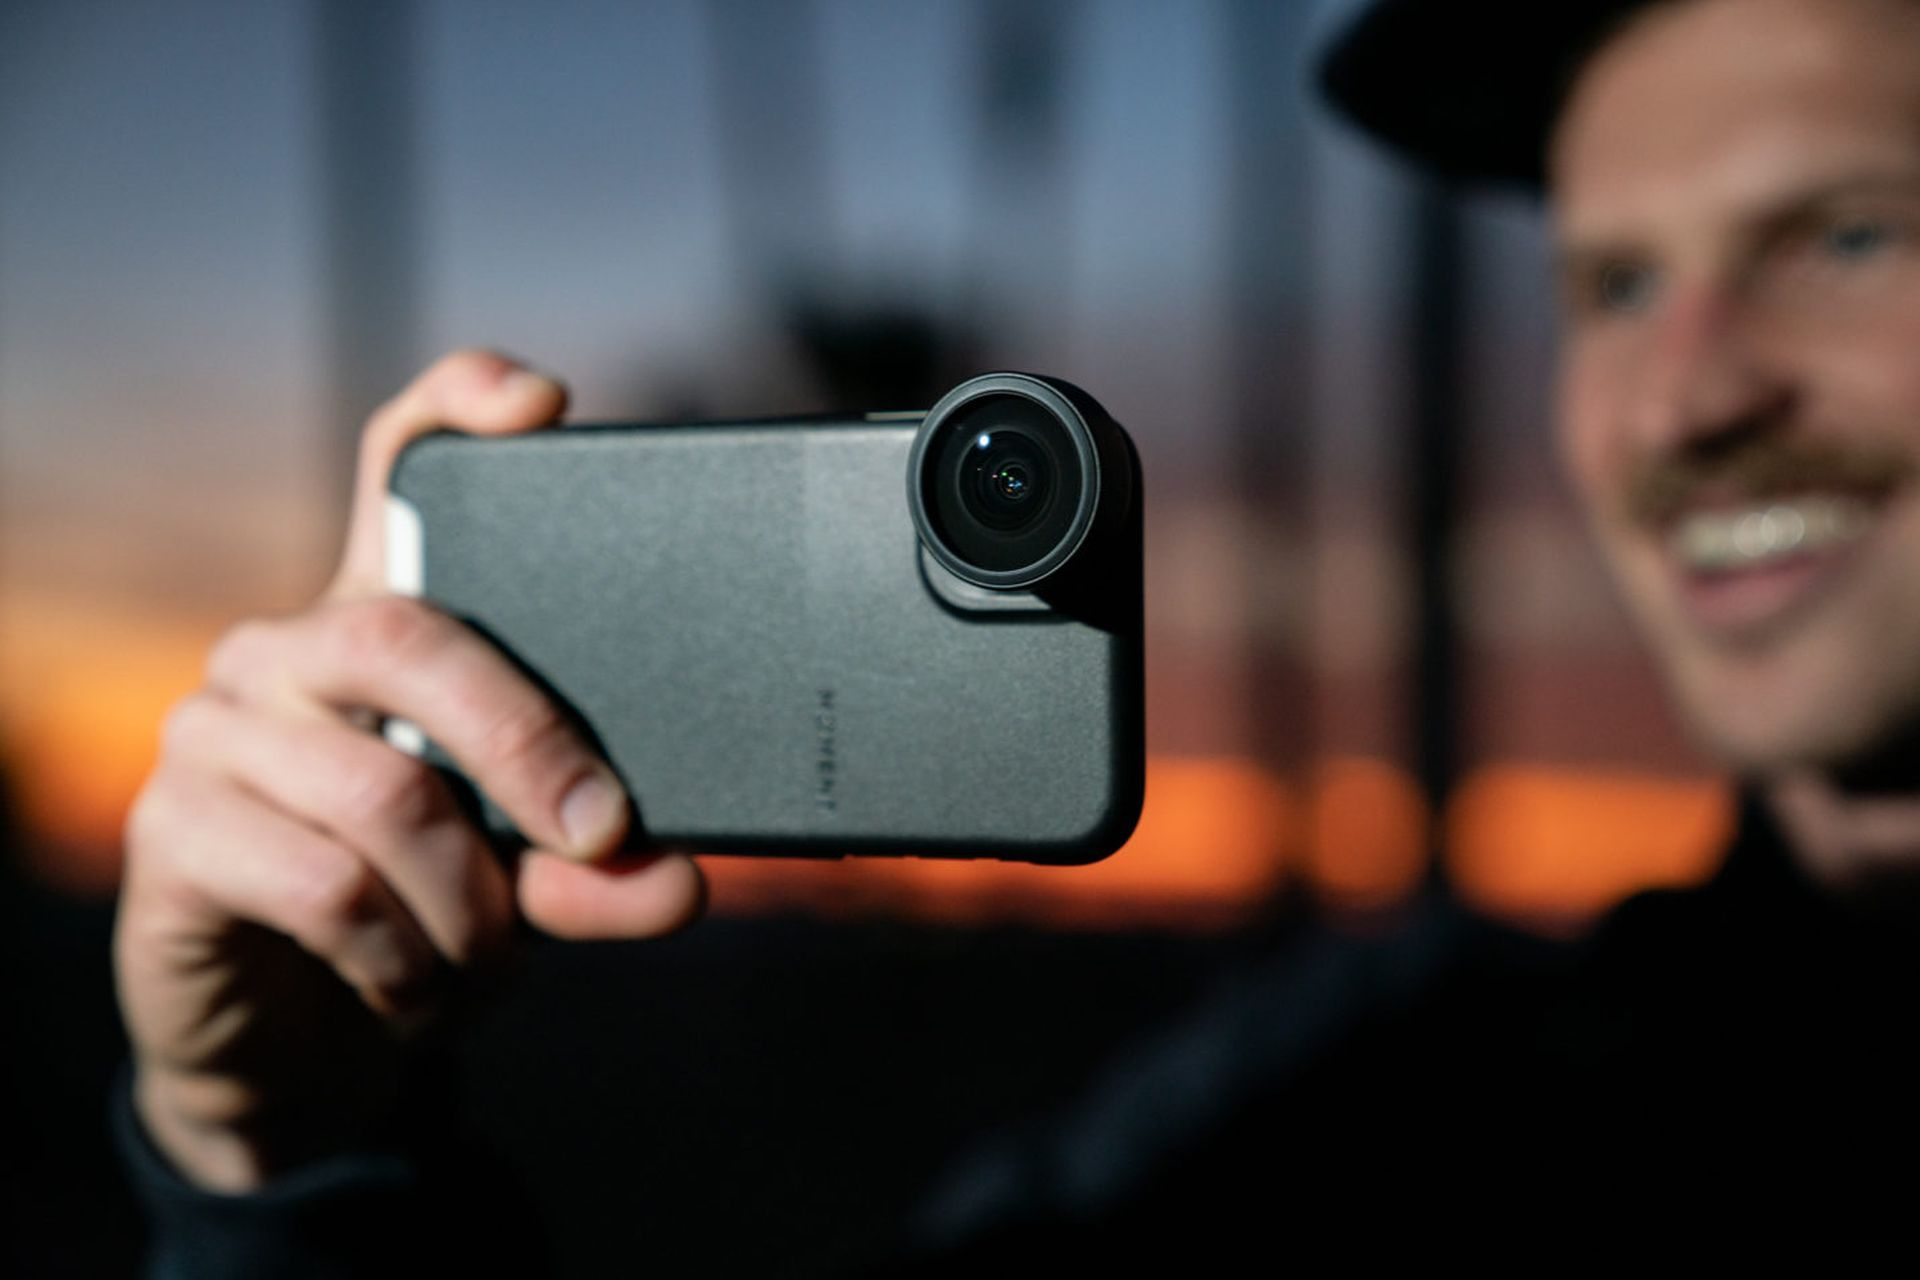 Nowy obiektyw Fisheye 14mm do iPhone'a od firmy Moment